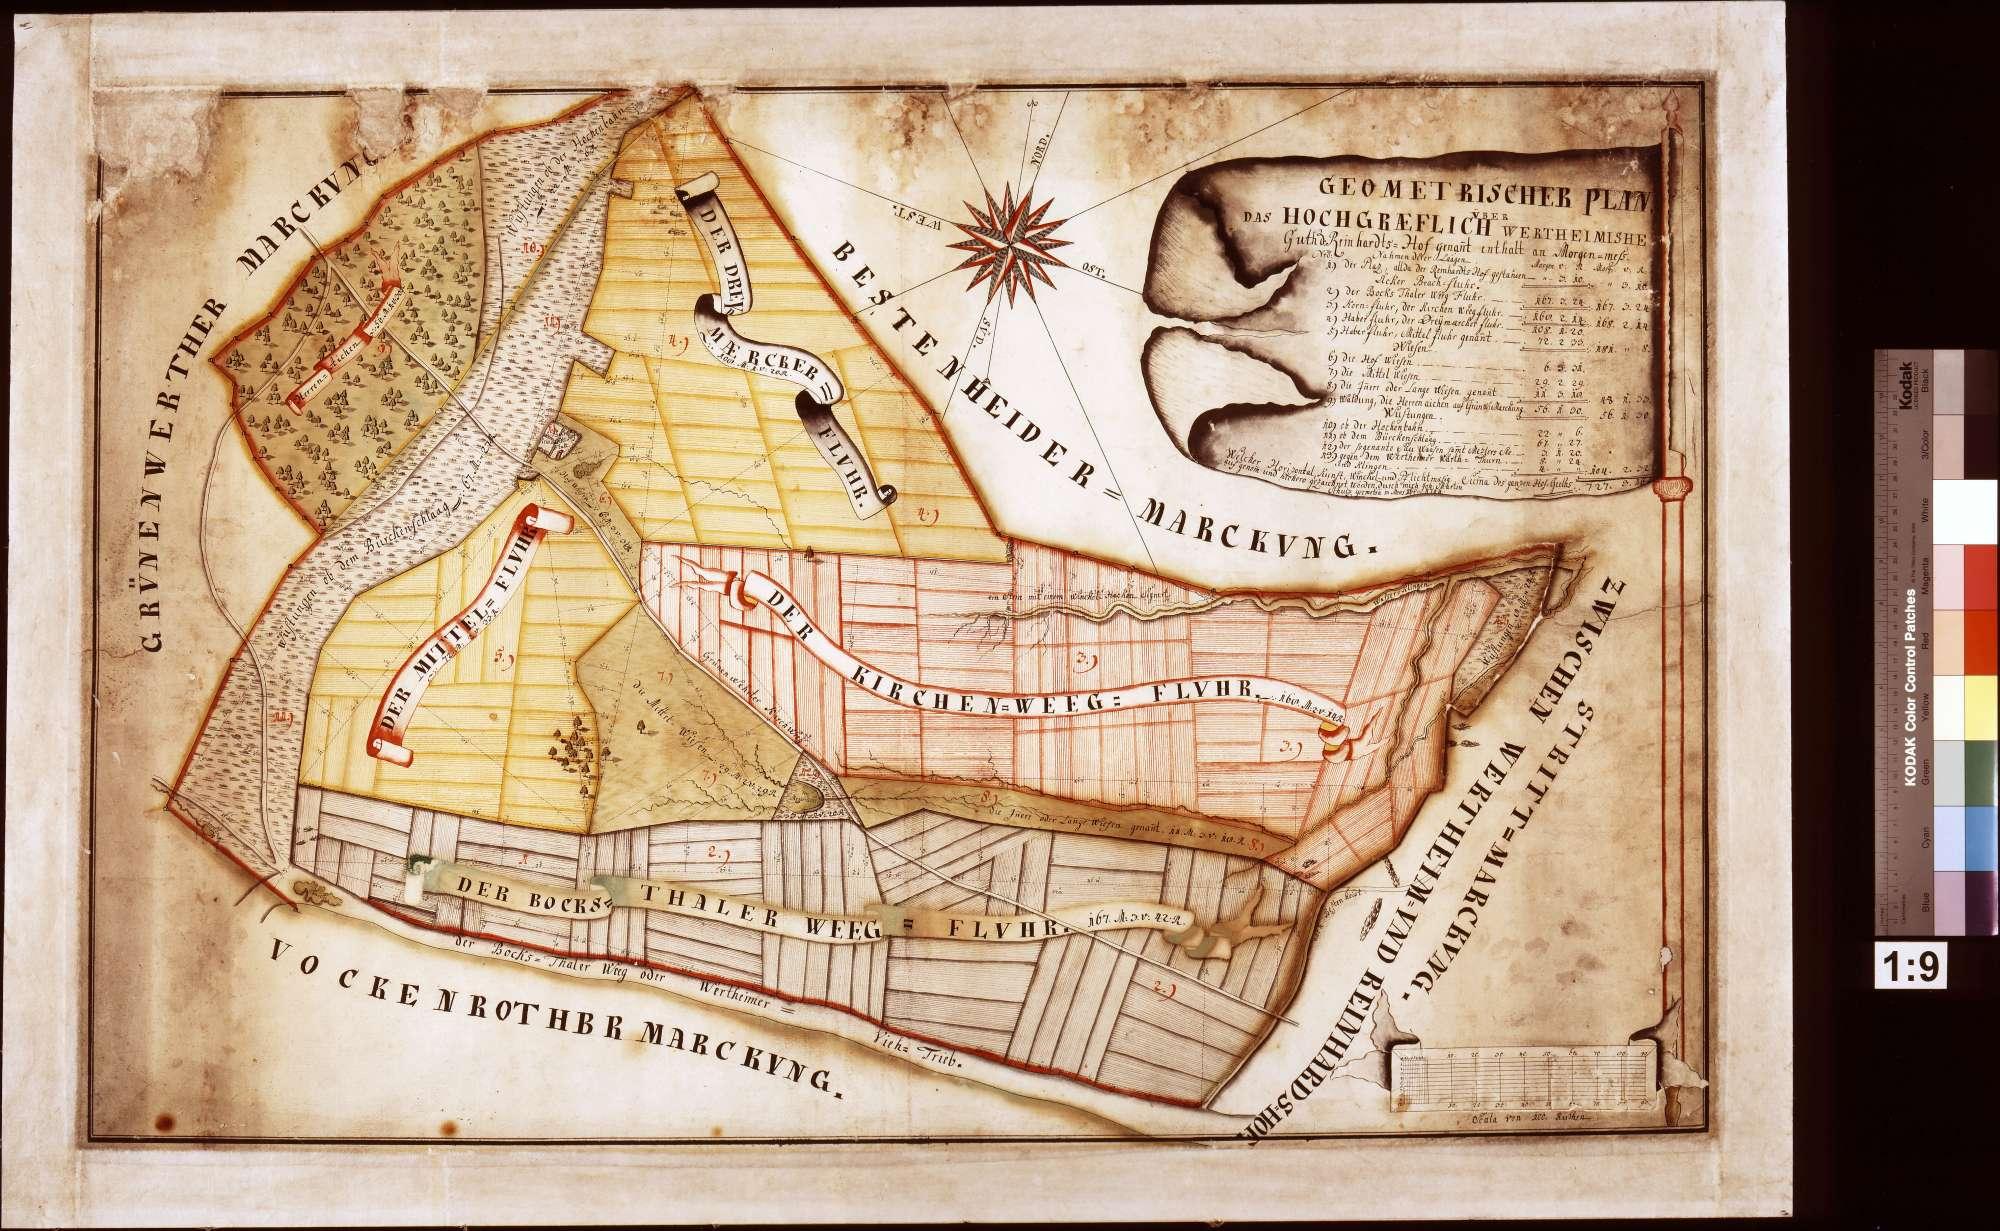 Geometrischer Plan über das wertheimische Gut Reinhardshof (Inselkarte), Bild 1